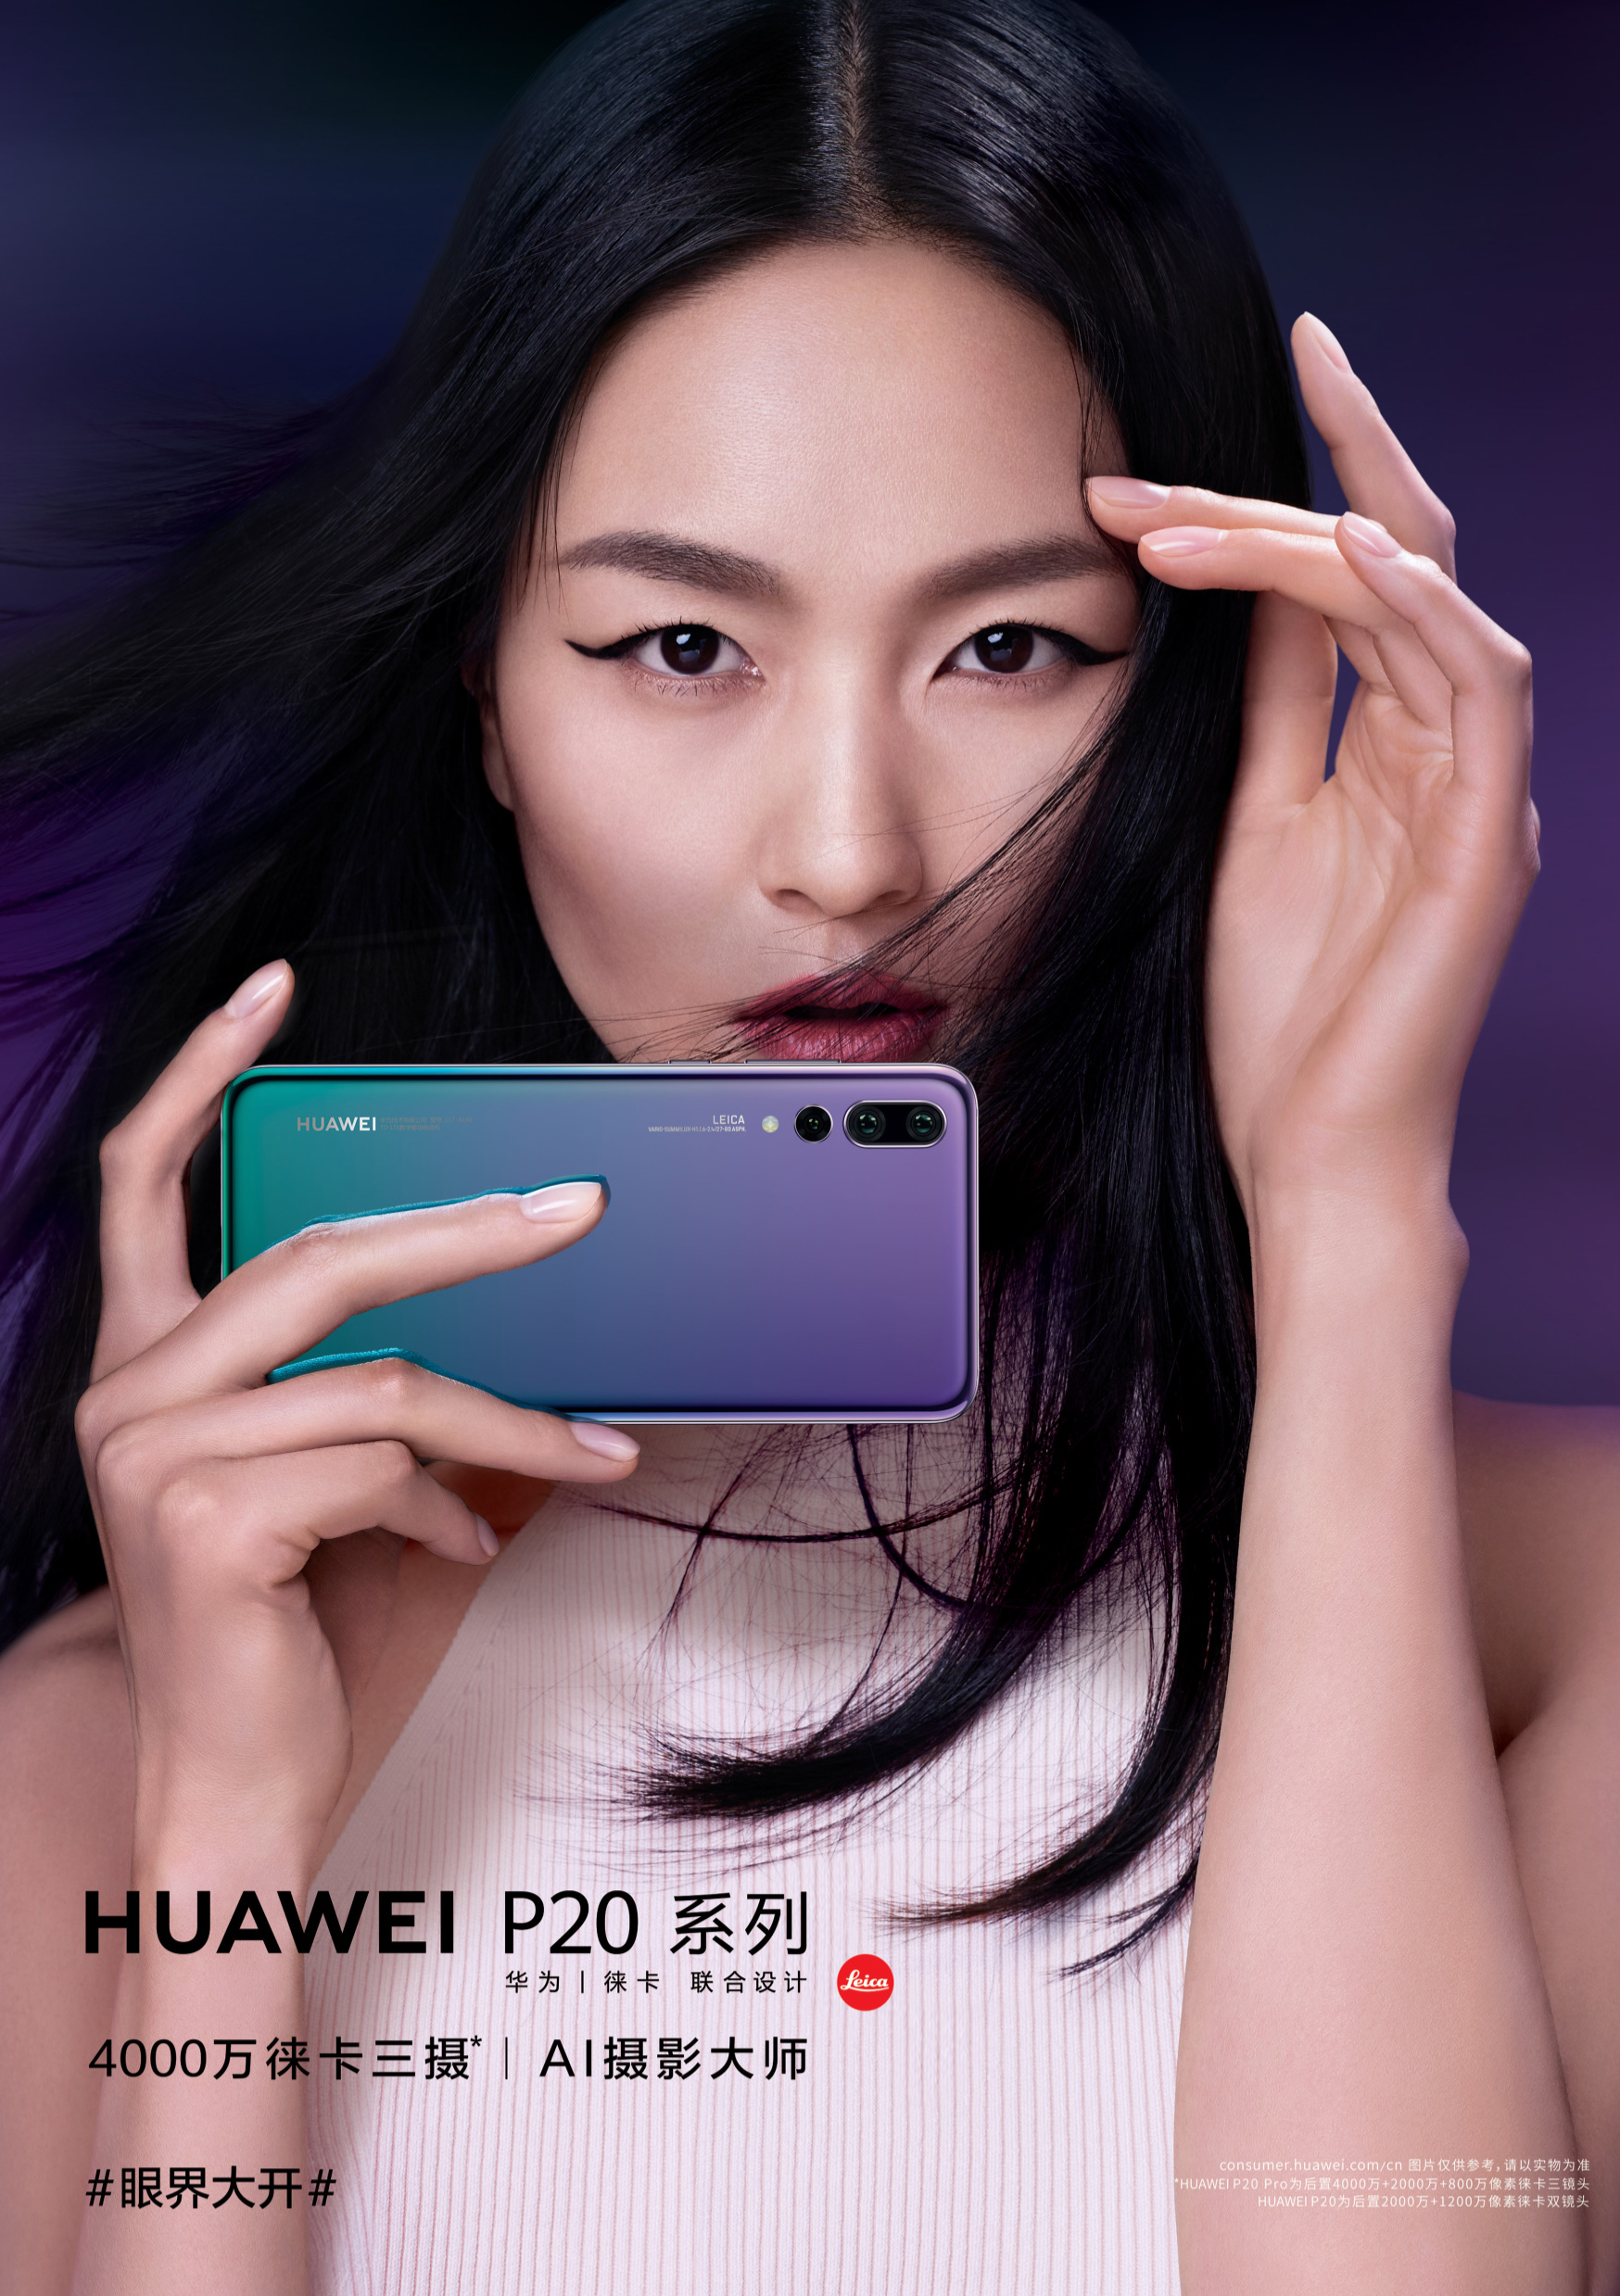 Huawei_P20_KV2_V